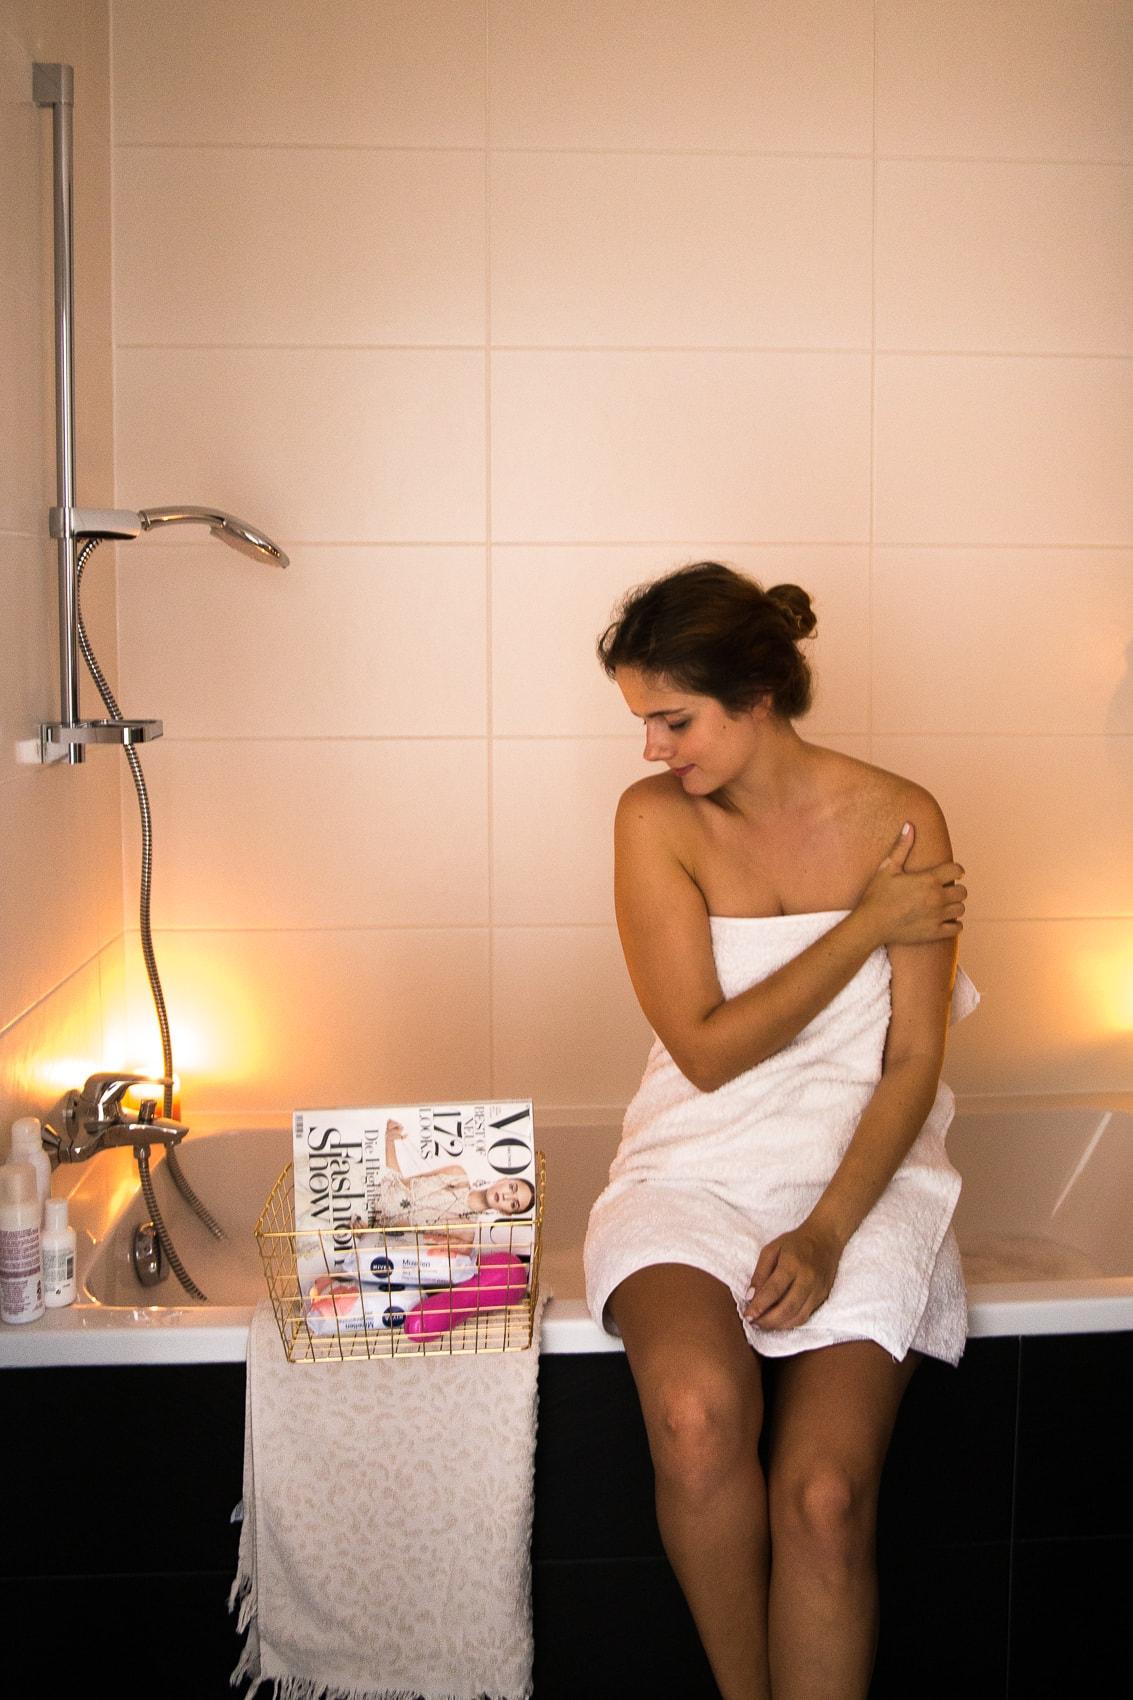 Einfach mal abtauchen - So wird dein Badezimmer zur Wohlfühloase!